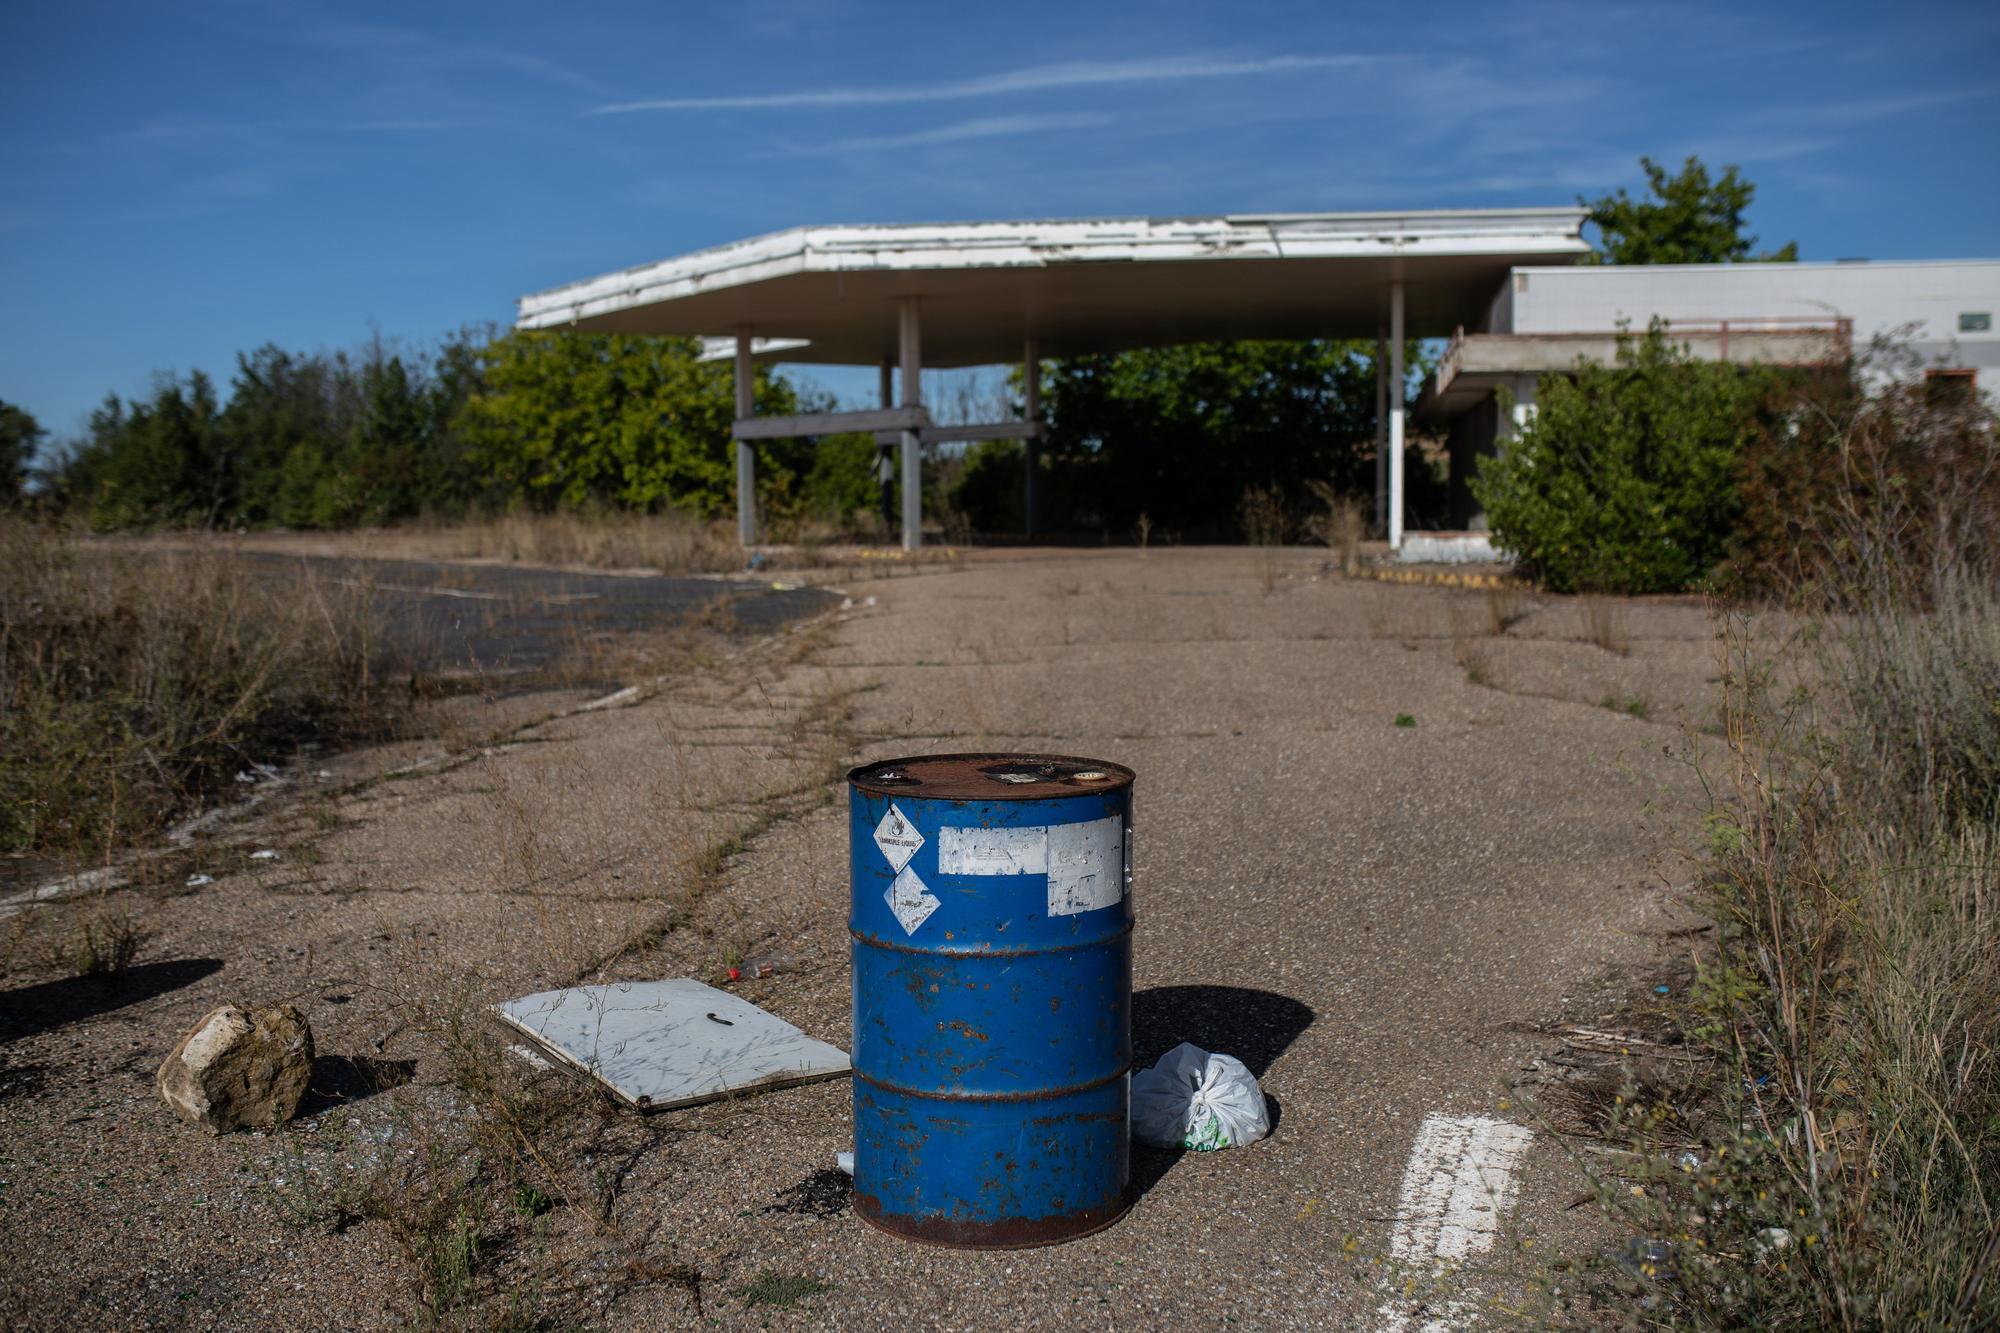 GALERÍA | Las gasolineras de Zamora: de símbolo del progreso al olvido